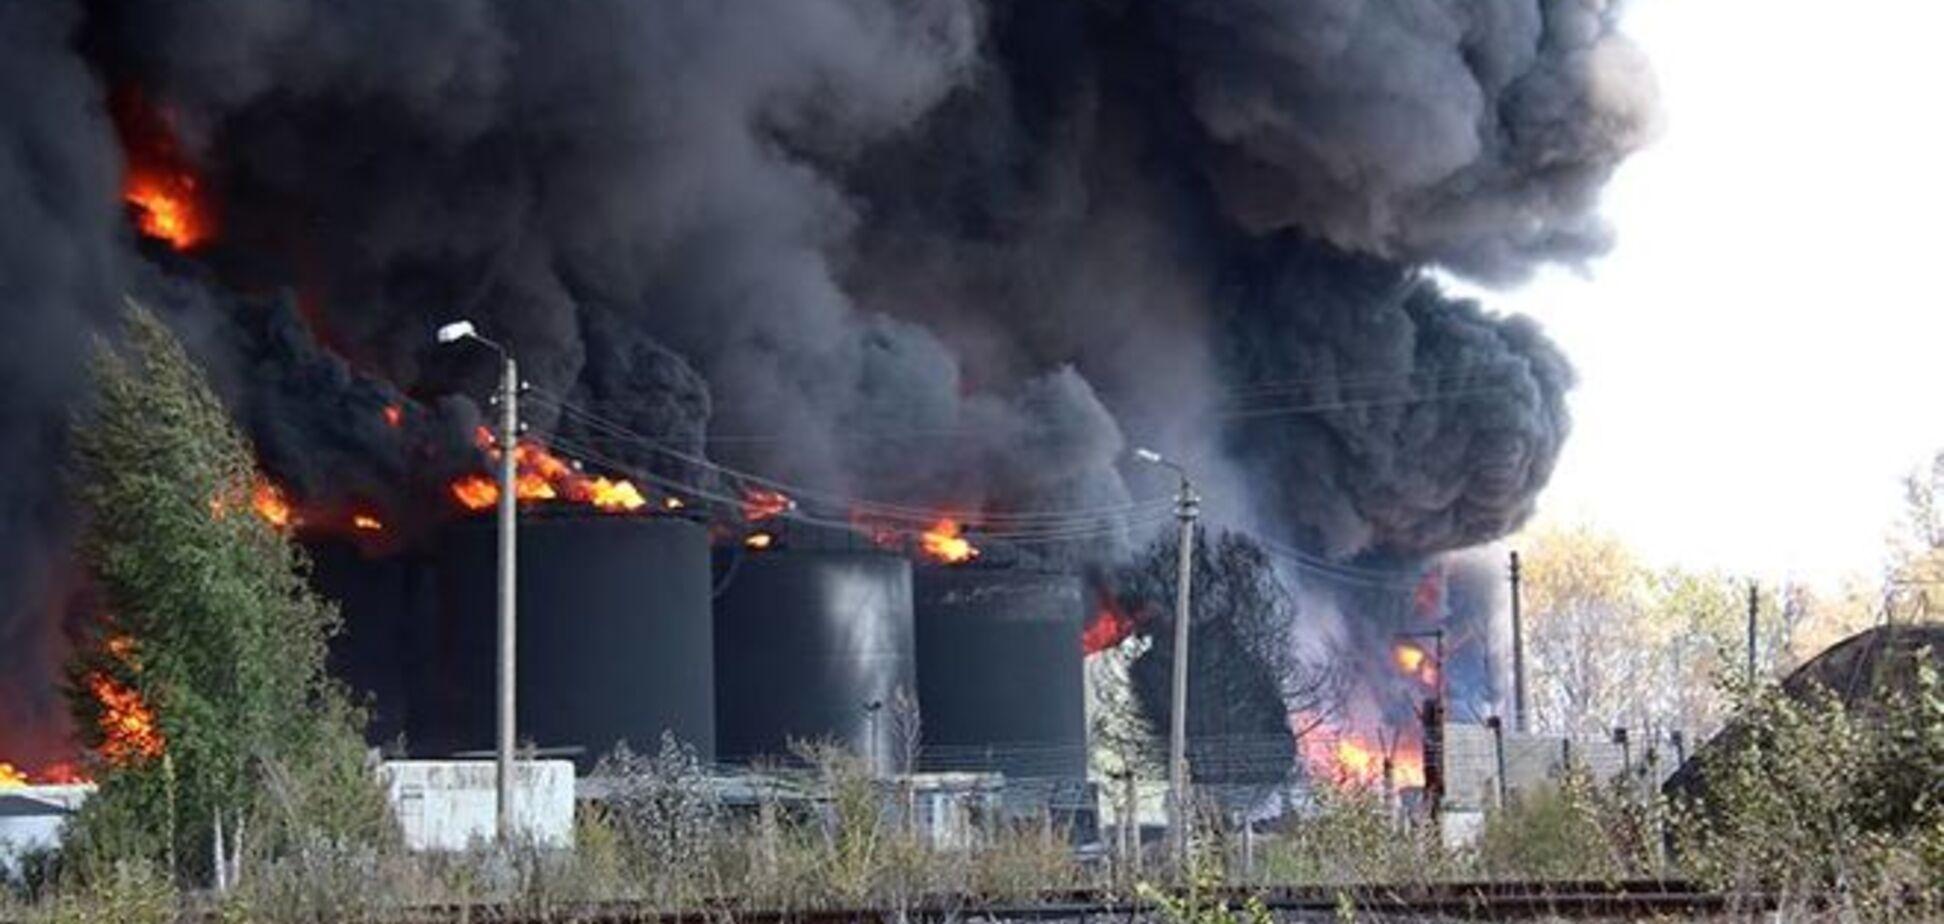 Тела погибших при пожаре в Василькове спасателей обгорели до неузнаваемости - ГосЧС